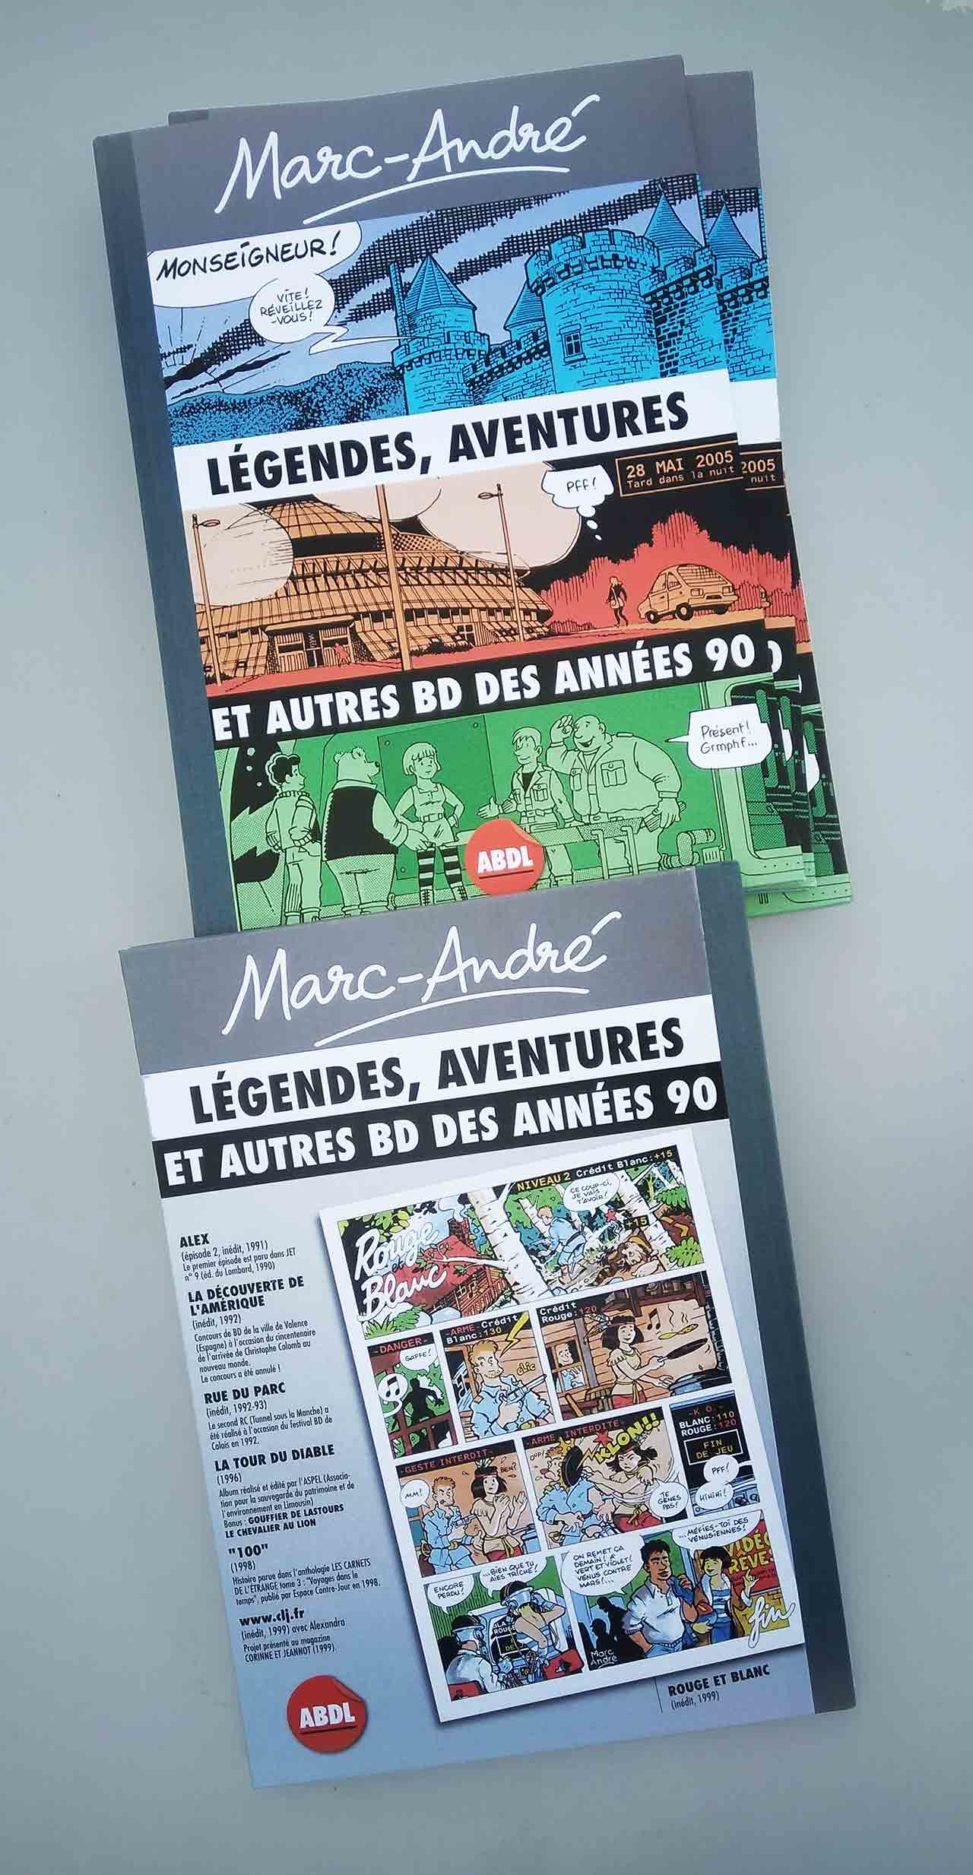 Marc-André-Légendes-aventures-et-autres-BD-des-années-90